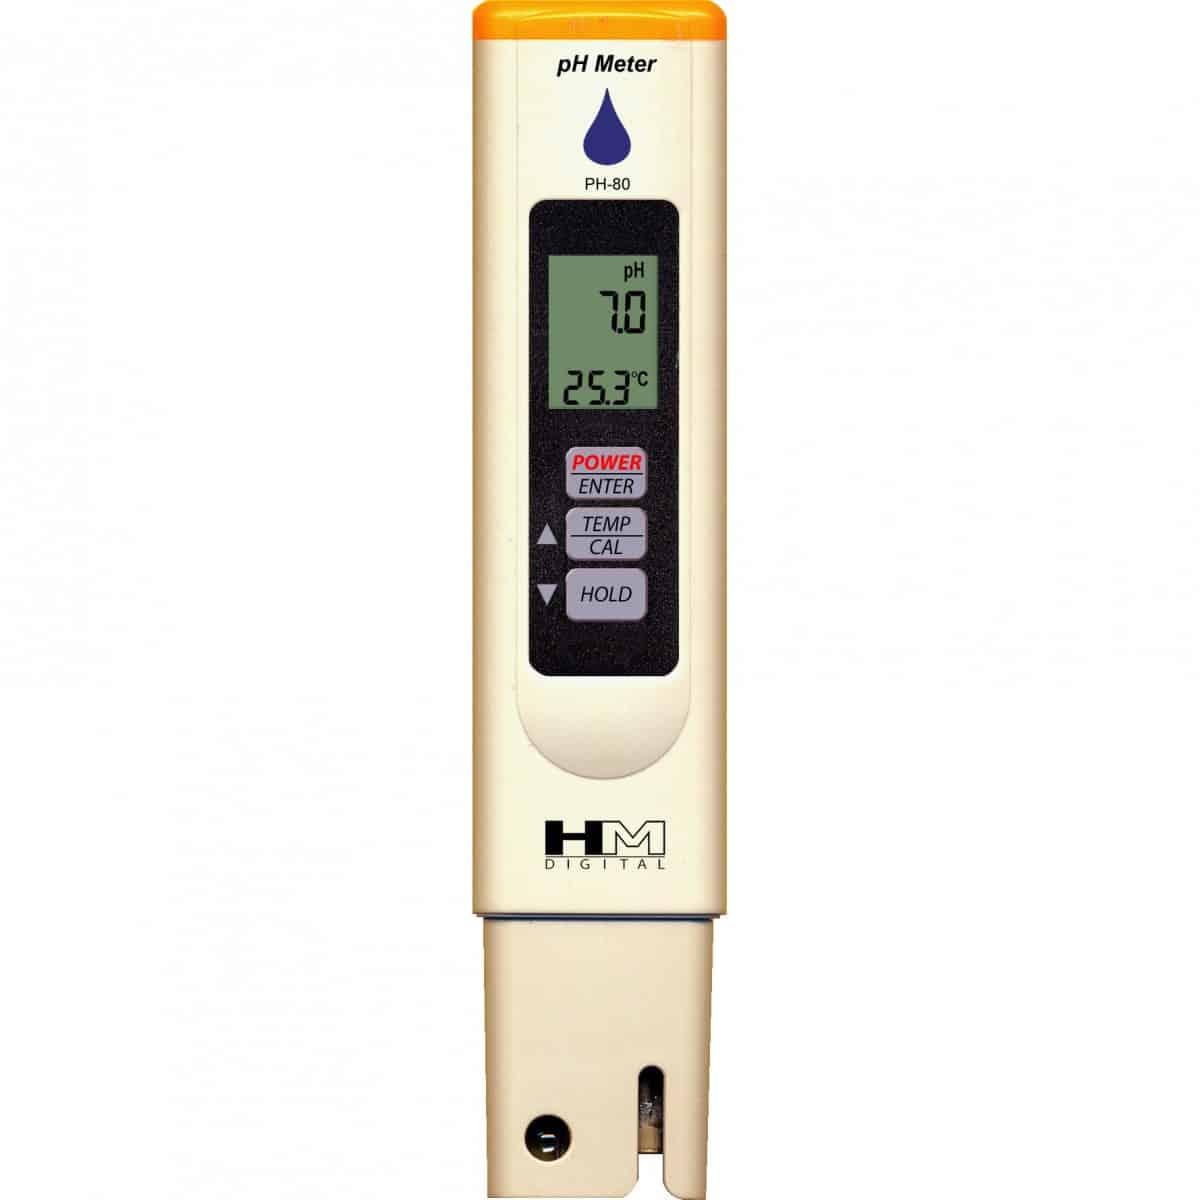 HM digital pH Meter Image